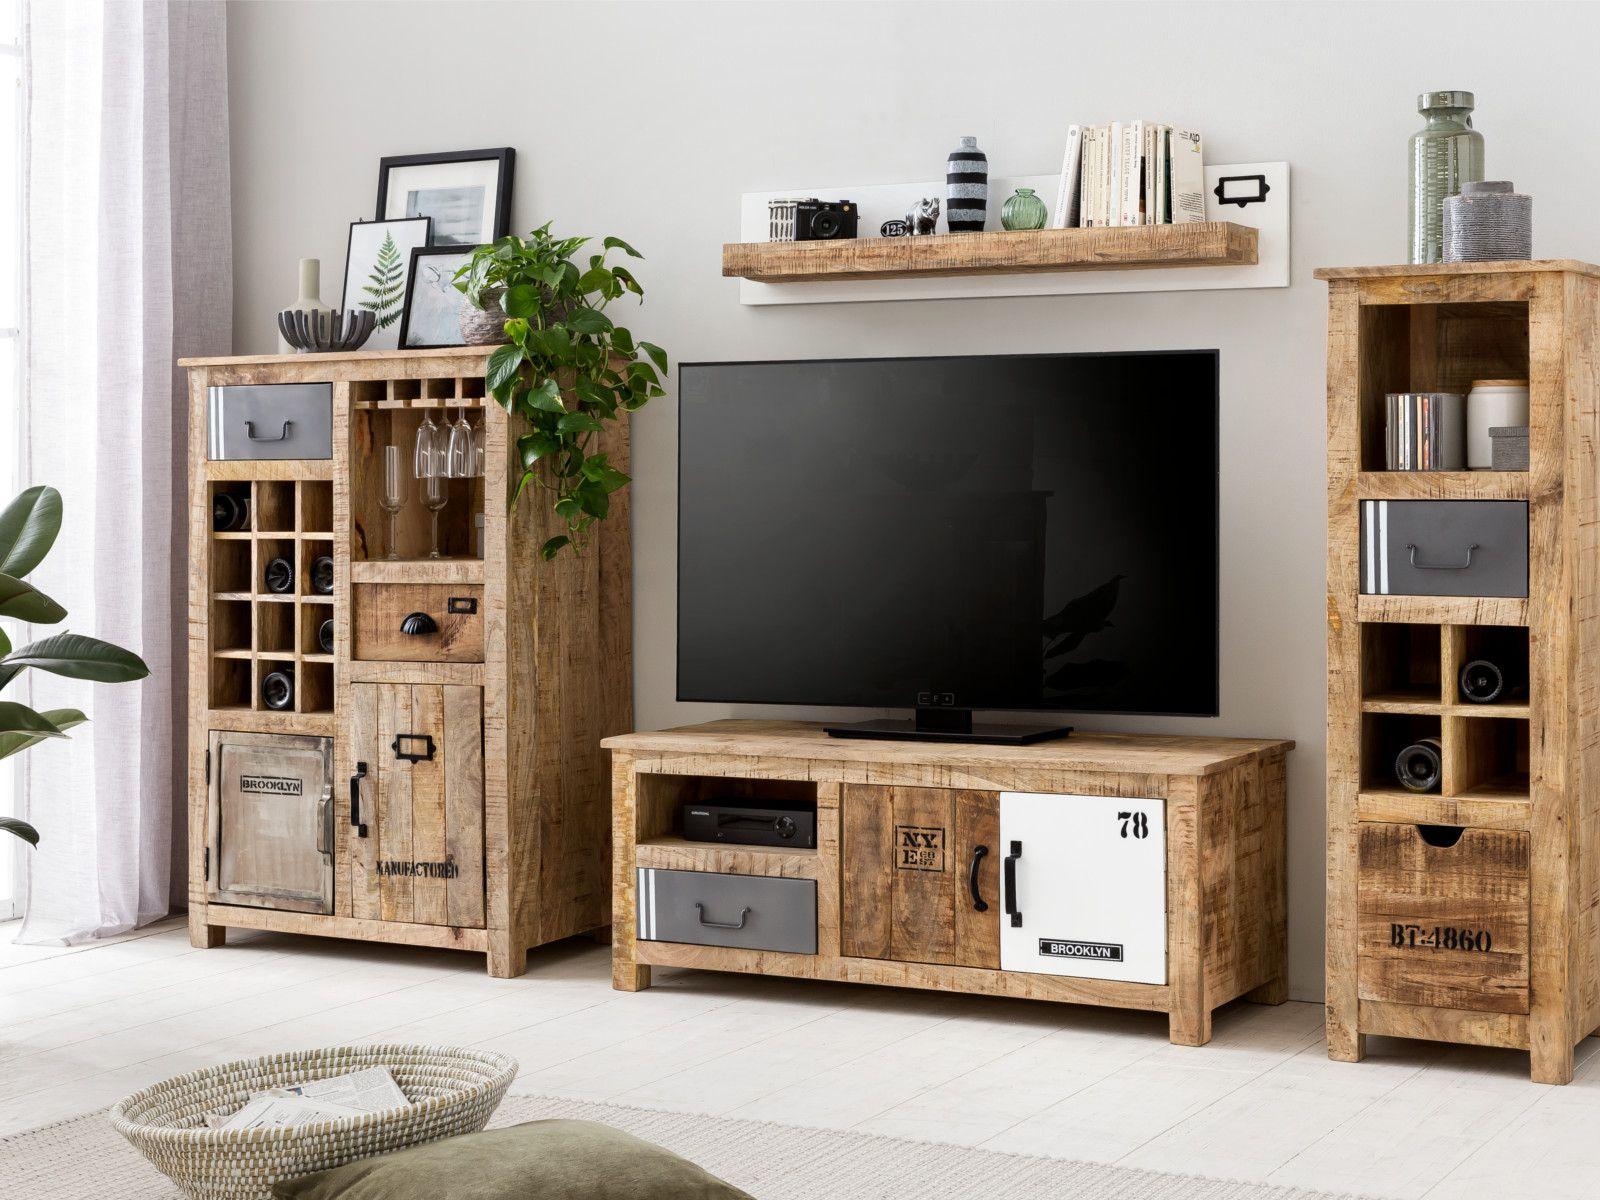 Wohnwände  Sets  MÖBEL  Woodkings Shop #wohnwand #wohnzimmer